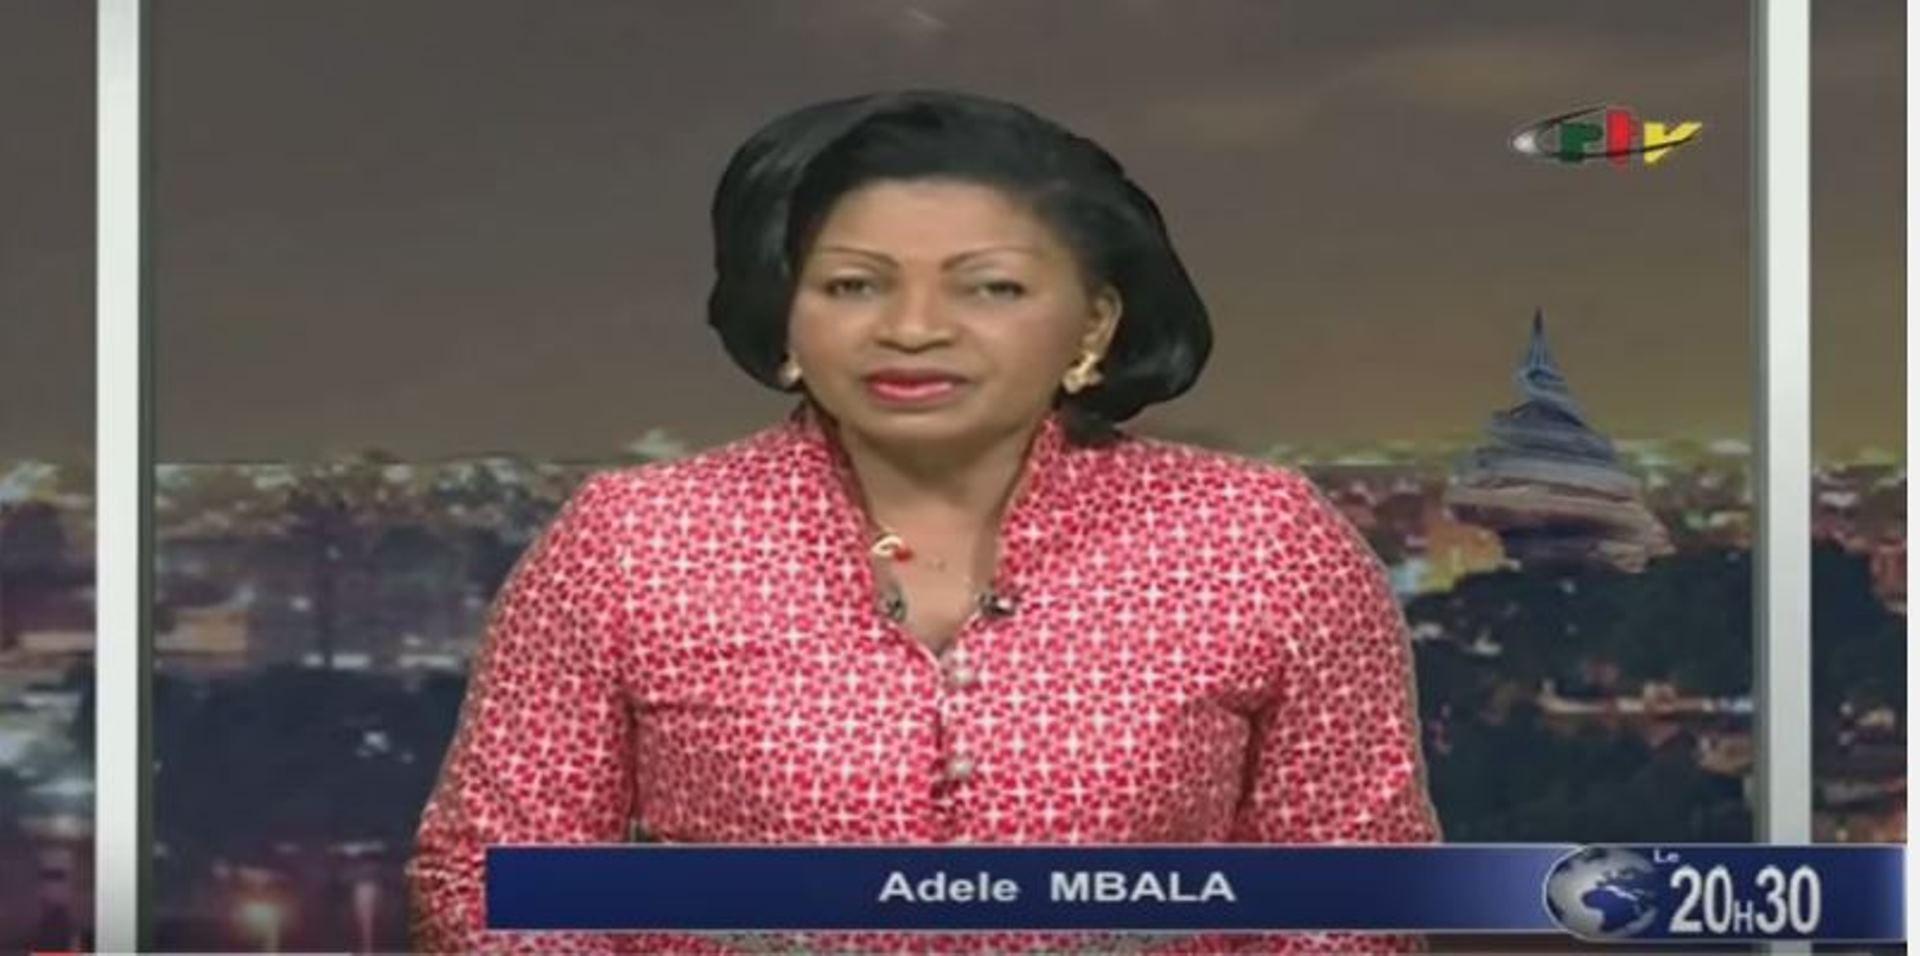 Adèle Mballa crée un tollé après un édito autour de l'équilibre régional dans les concours